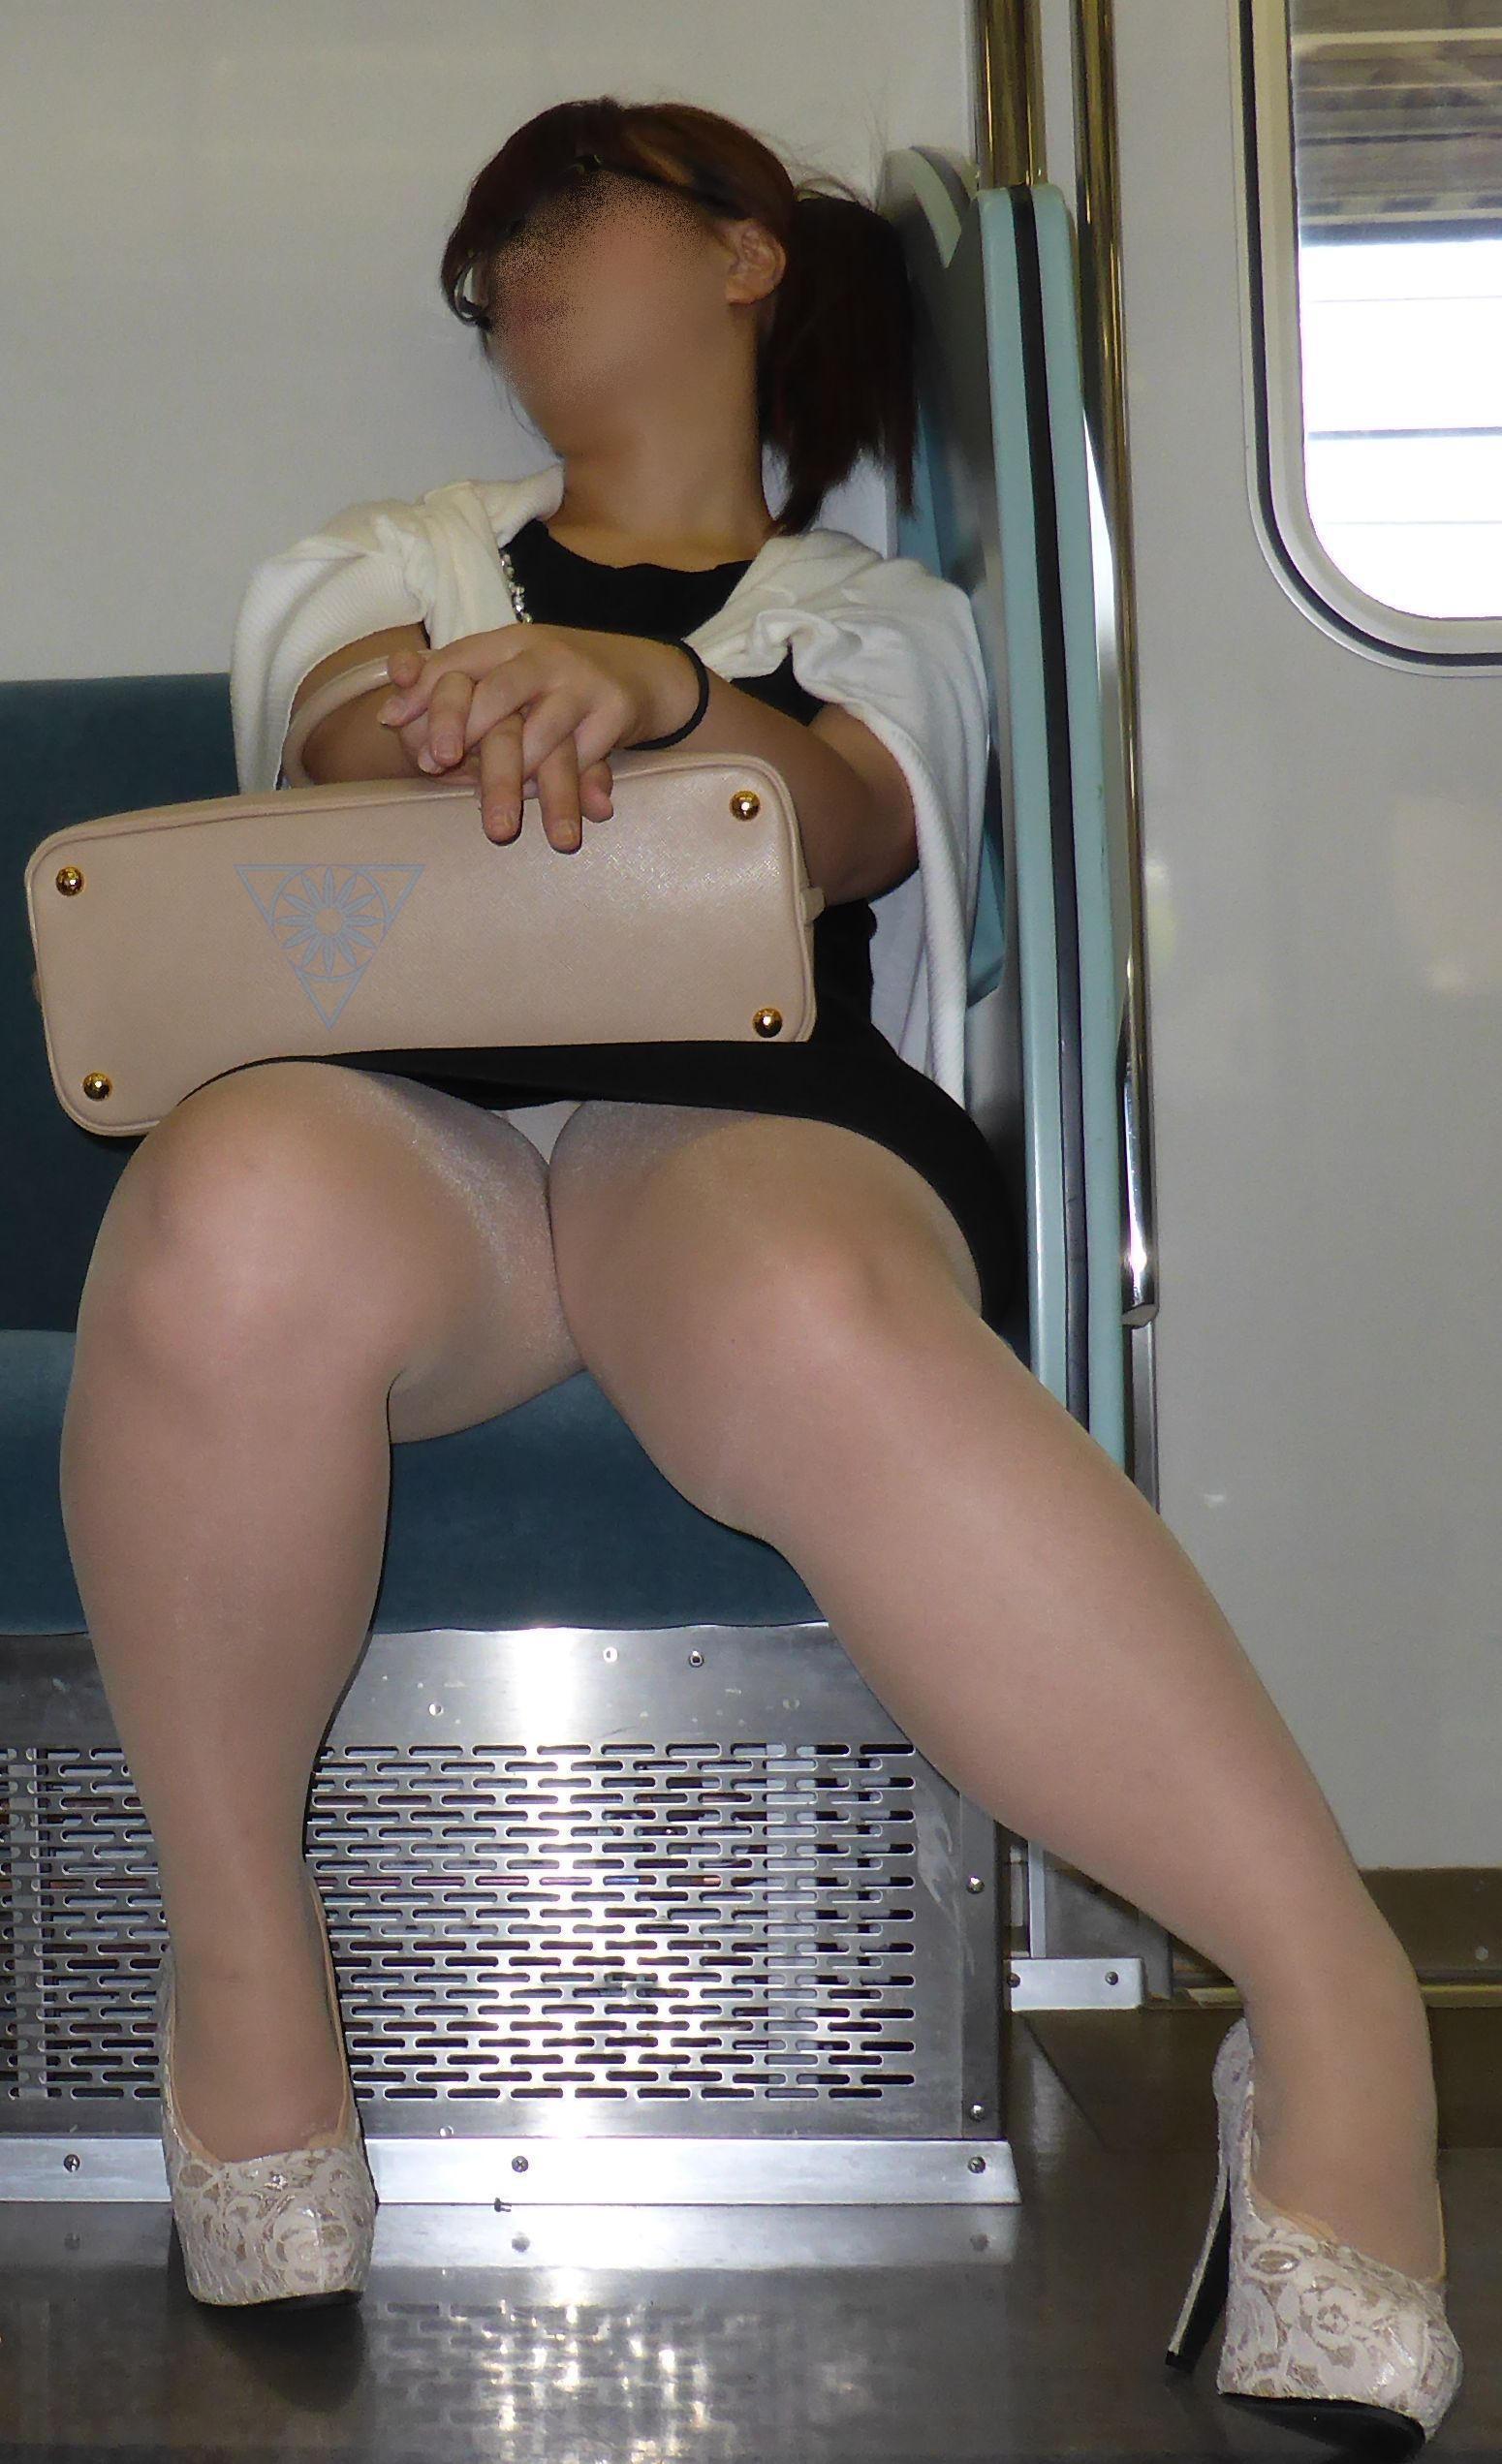 【電車内盗撮エロ画像】電車に座ったお姉さんの股間の秘部を大胆に覗いた電車内隠し撮り画像 その2